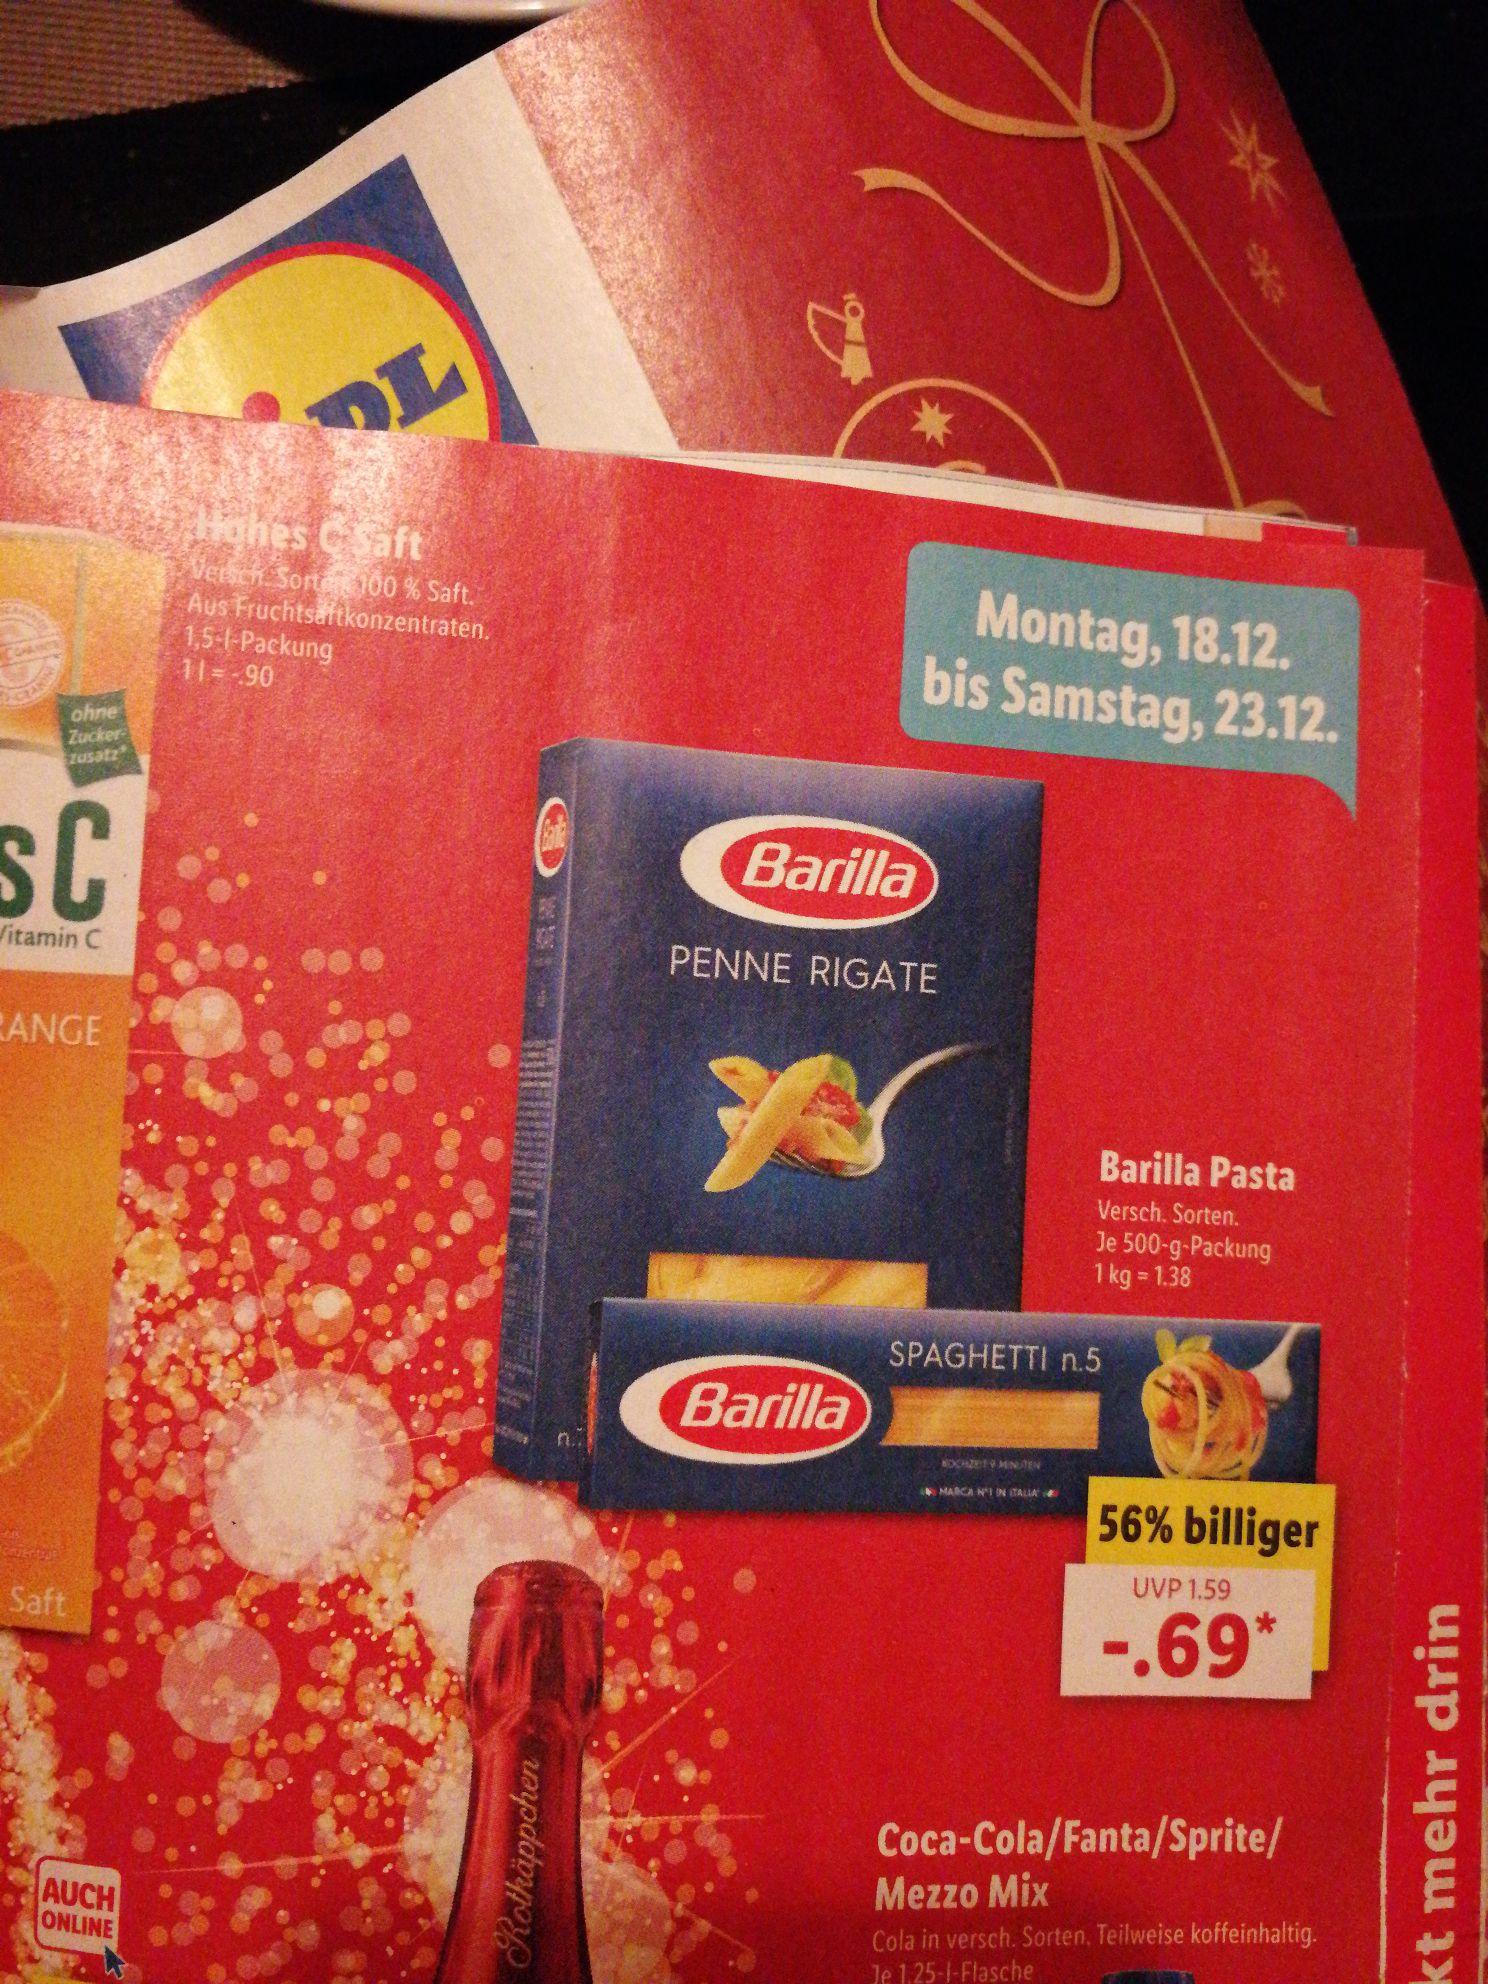 Barilla Pasta 500g für 0.69€ @ Lidl